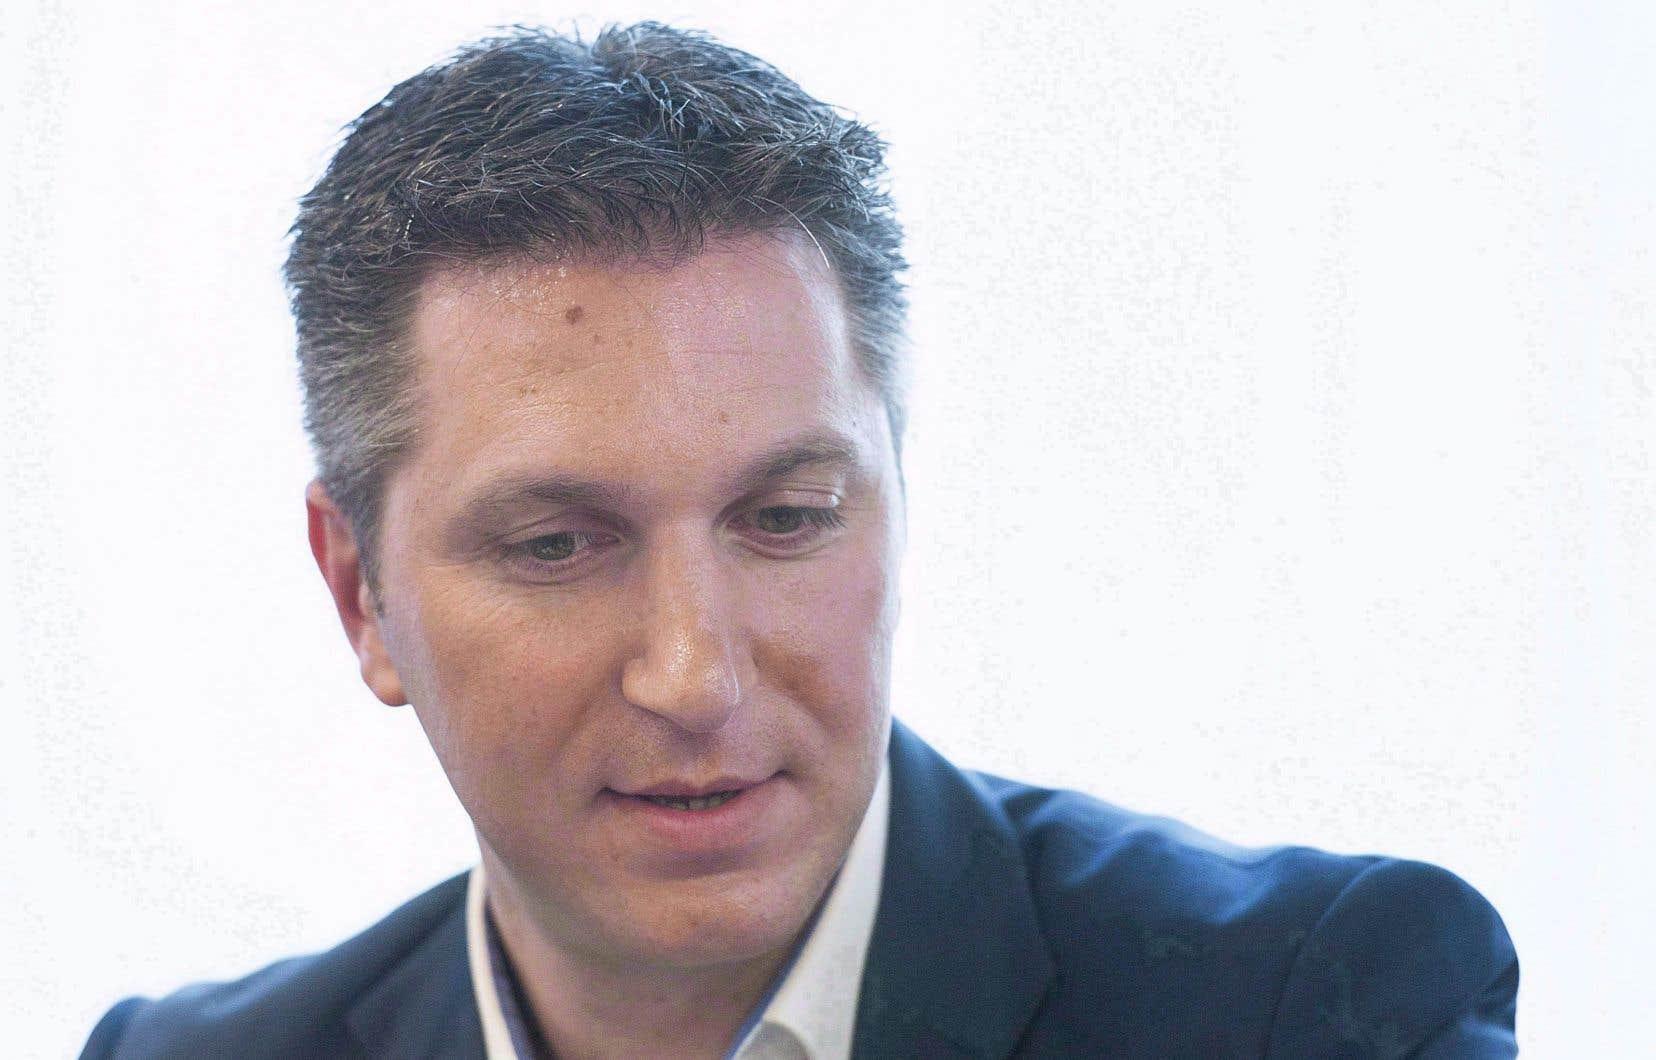 DavidBaazov avait plaidé non coupable aux cinq chefs d'accusation qui ont été déposés contre lui en 2016 par l'Autorité des marchés financiers (AMF) du Québec.